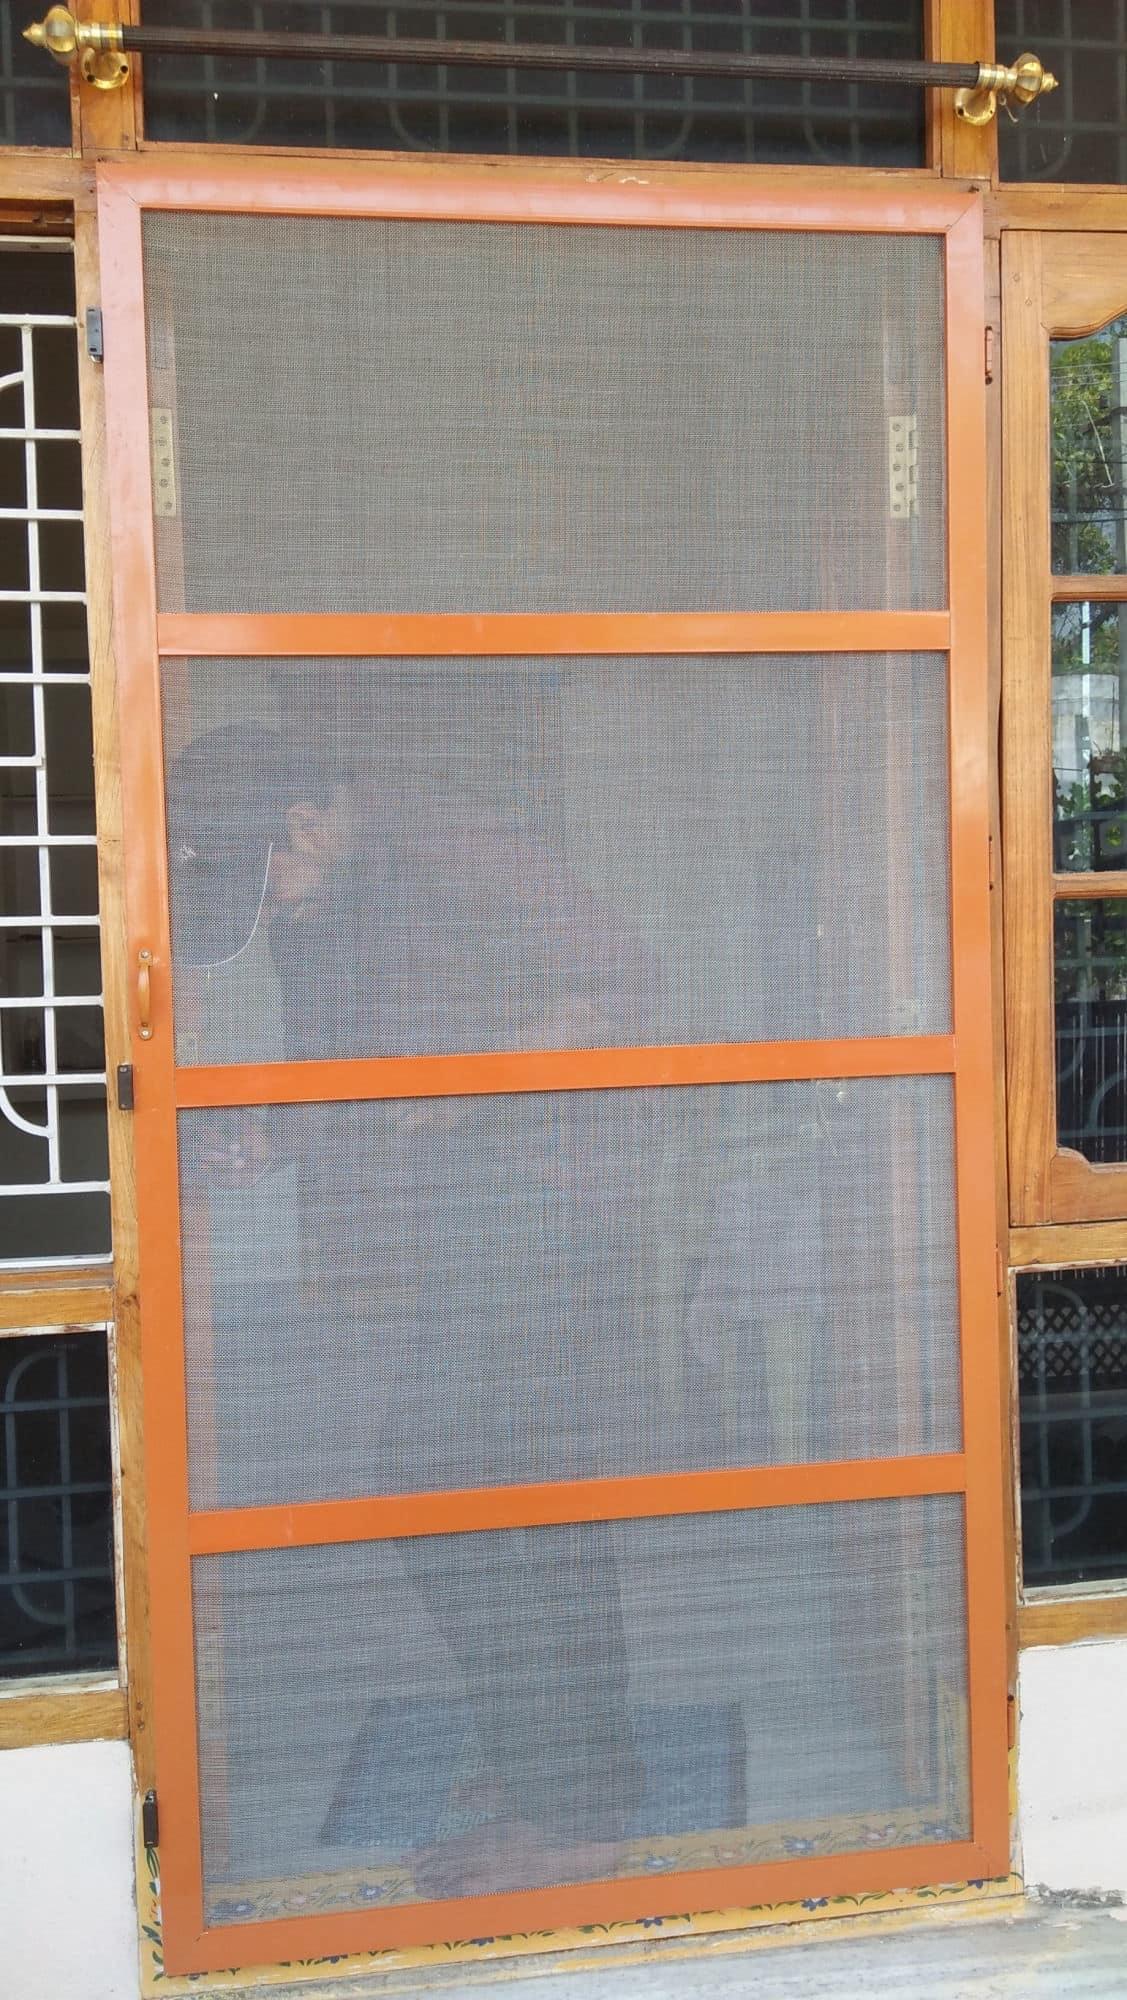 Siri Aluminium Mosquito Mesh Doors Hanamkonda Aluminium